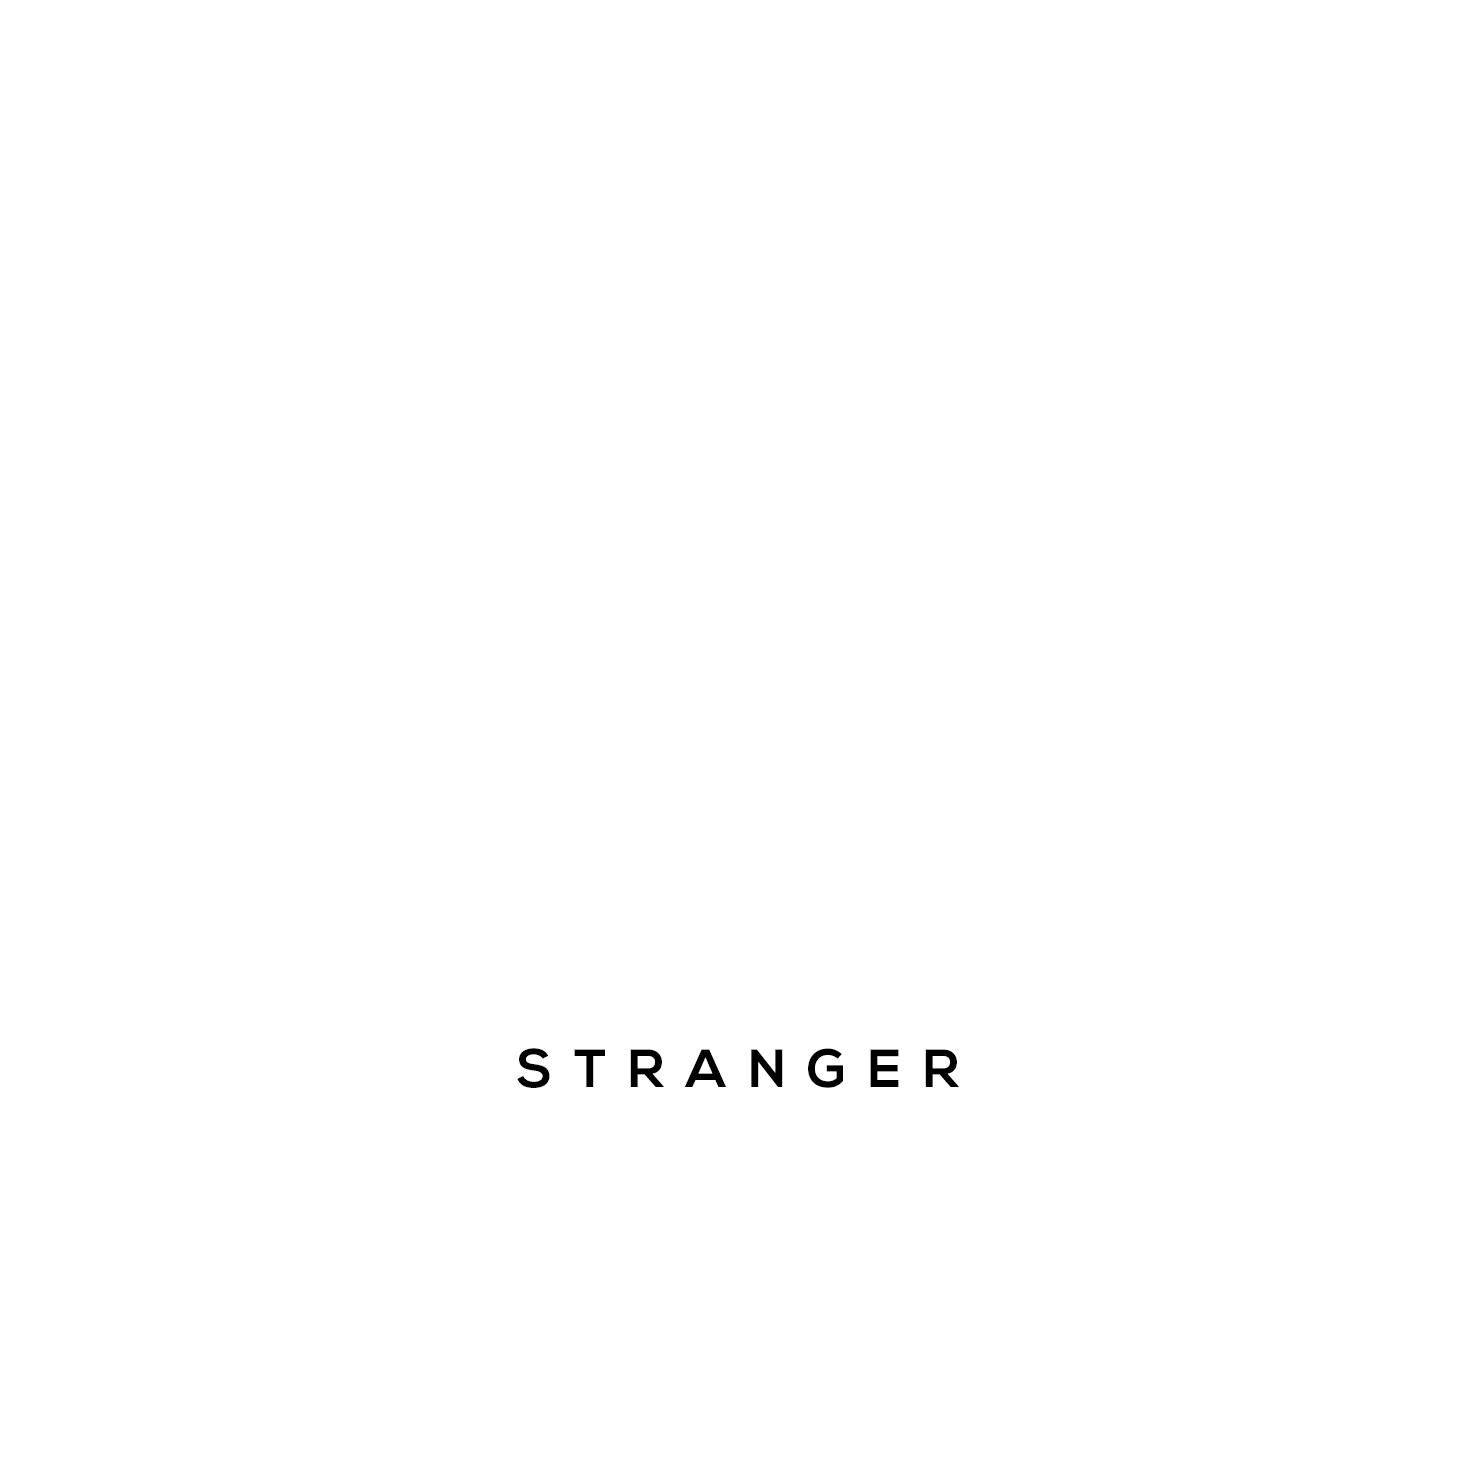 apey_stranger_cover.jpg